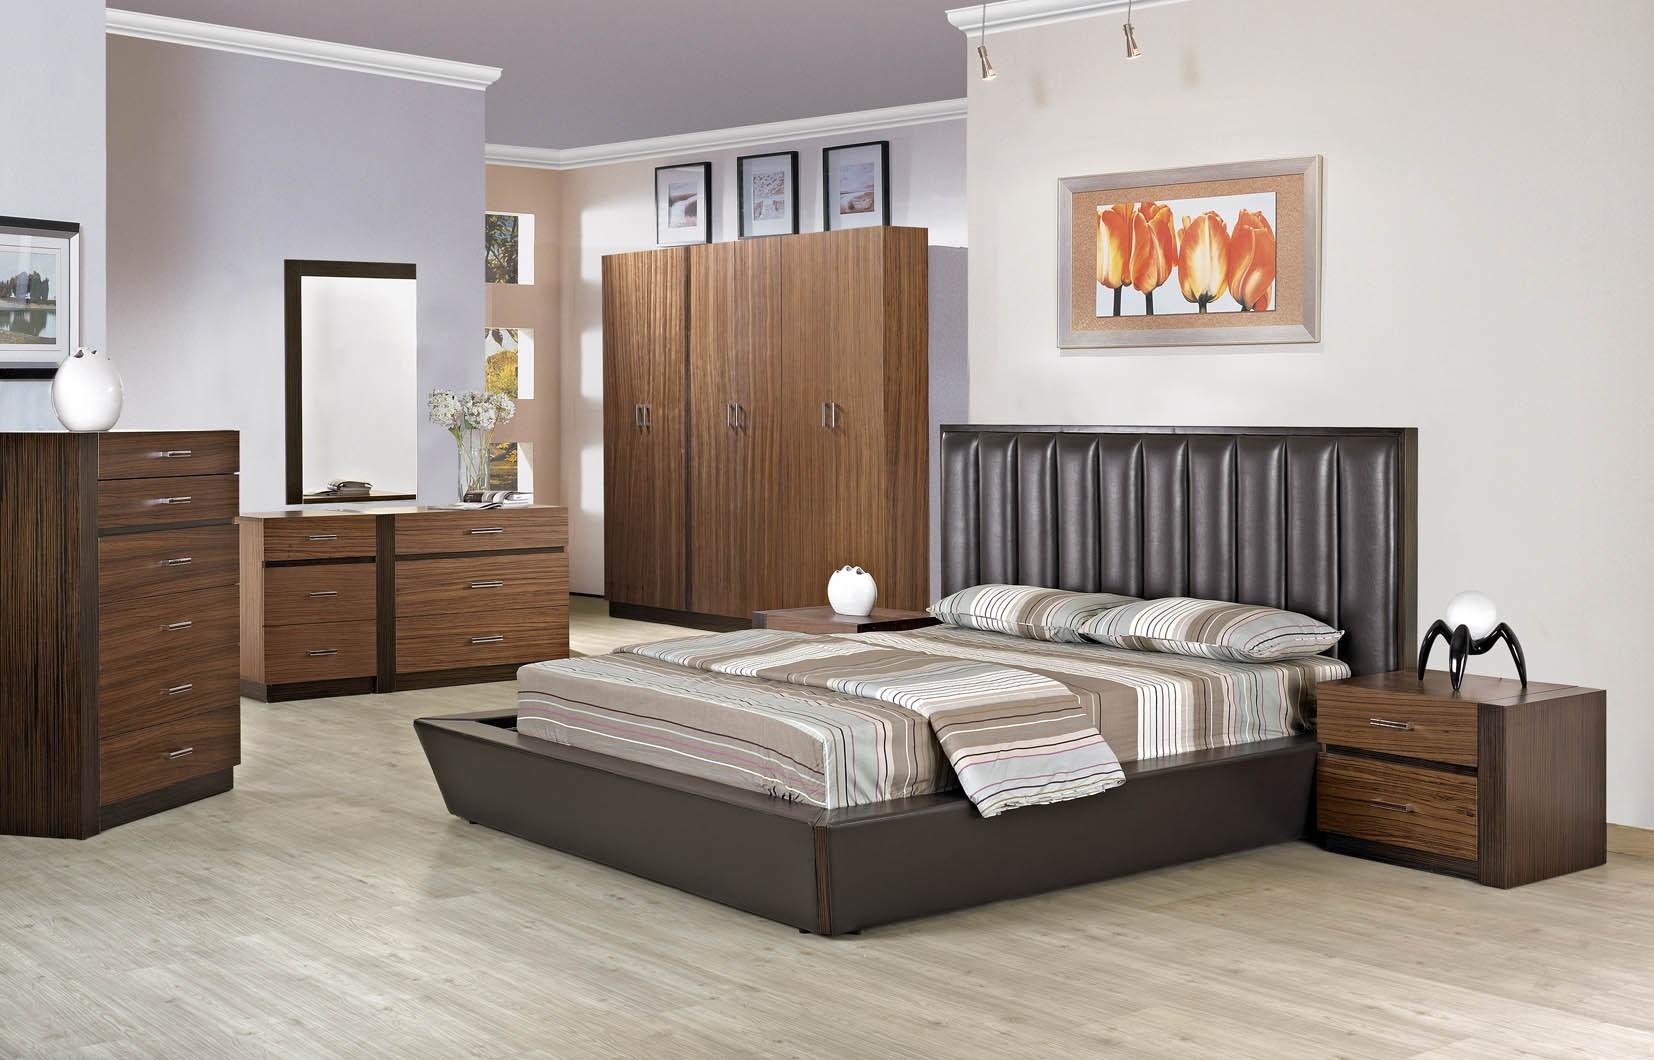 ديكورات غرف نوم مفروشات العمر المدهشة | المرسال